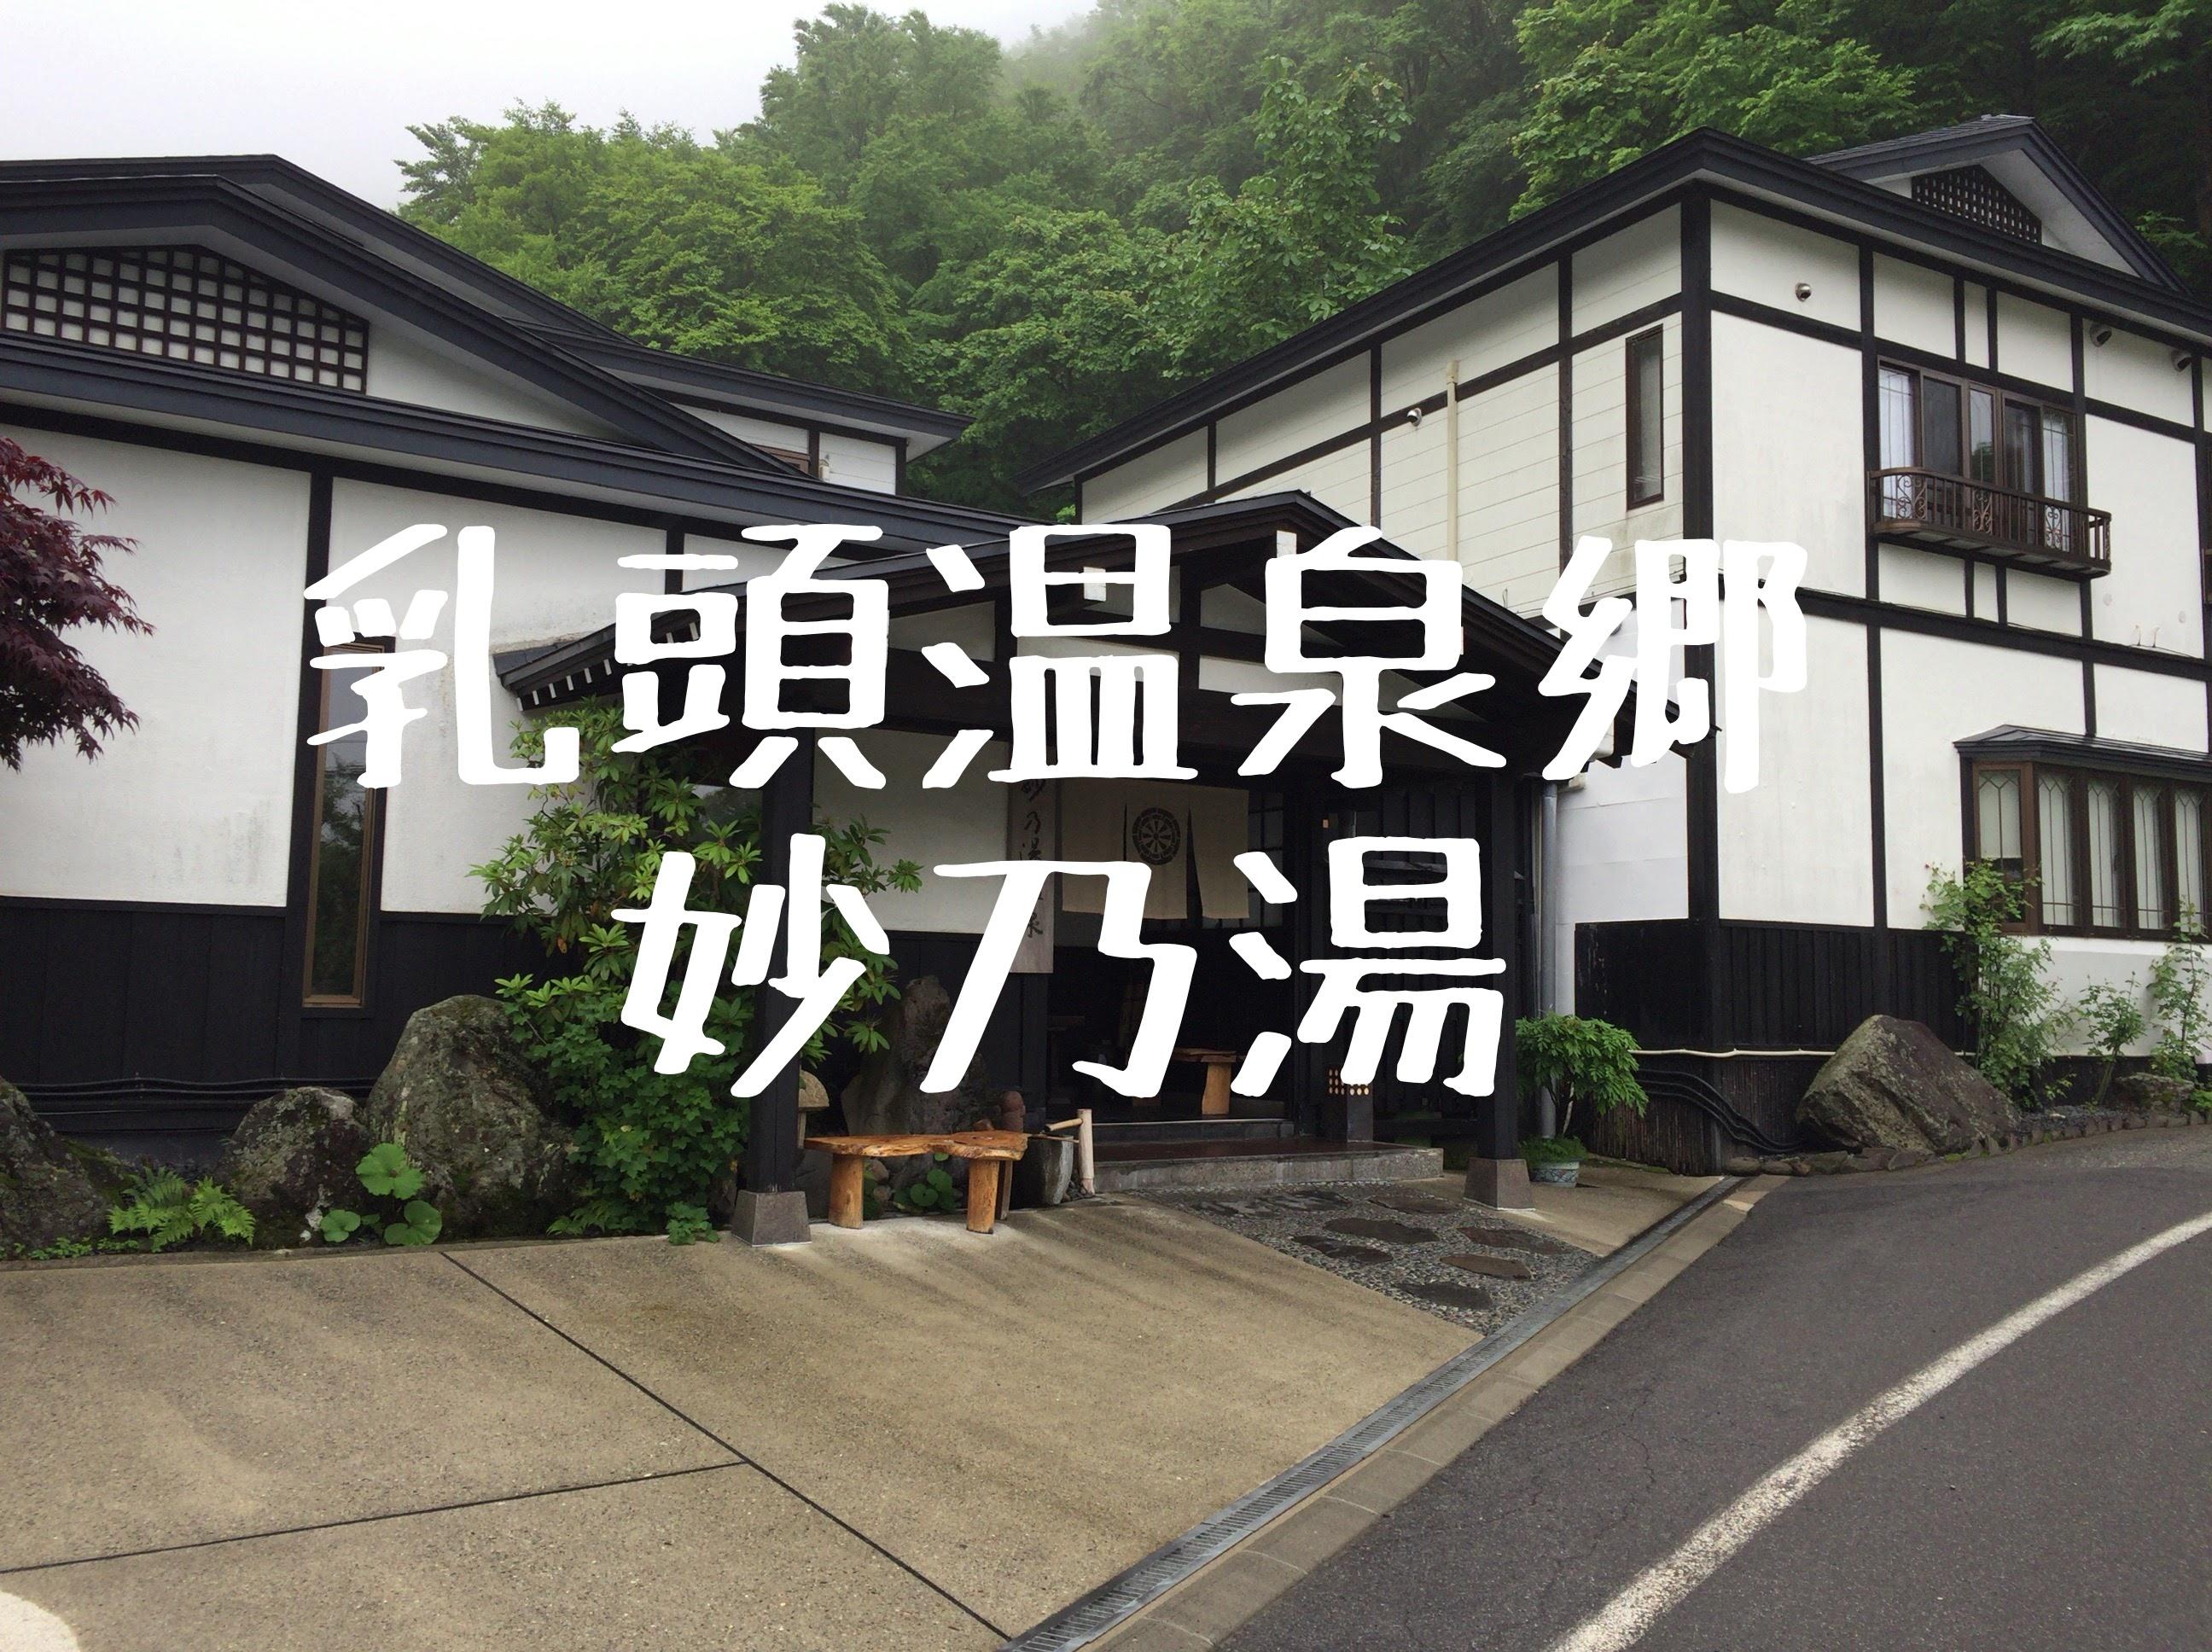 女性に人気!!モダンな混浴温泉「乳頭温泉郷 妙乃湯」で日帰り入浴。